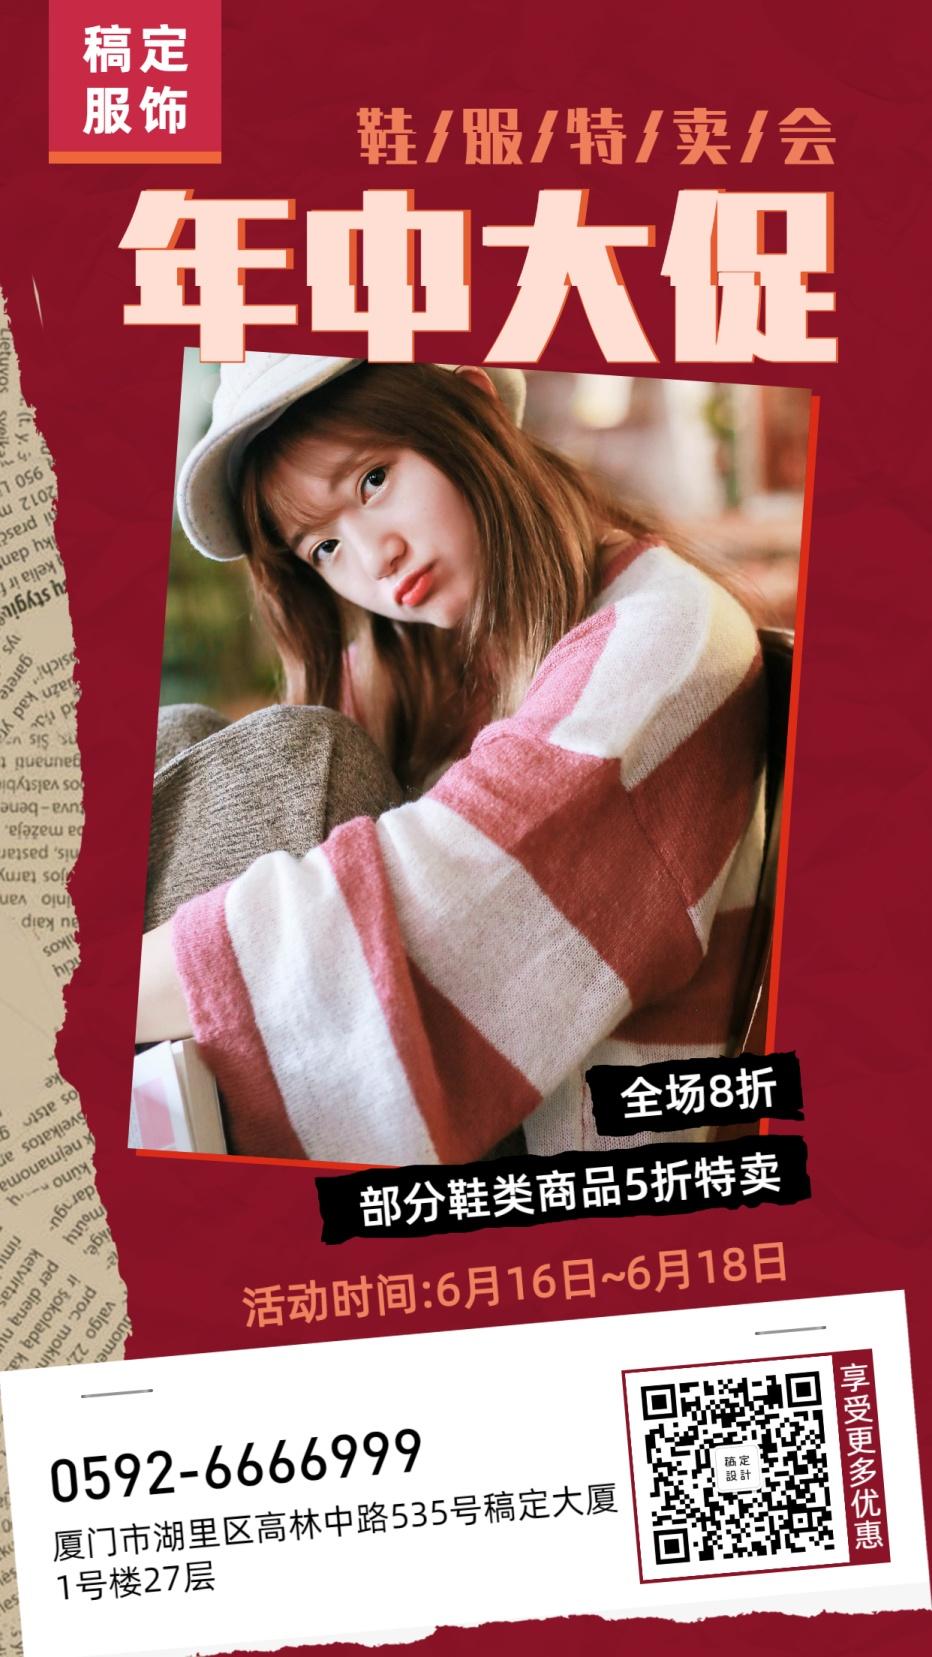 男装/年中大促/促销/手机海报